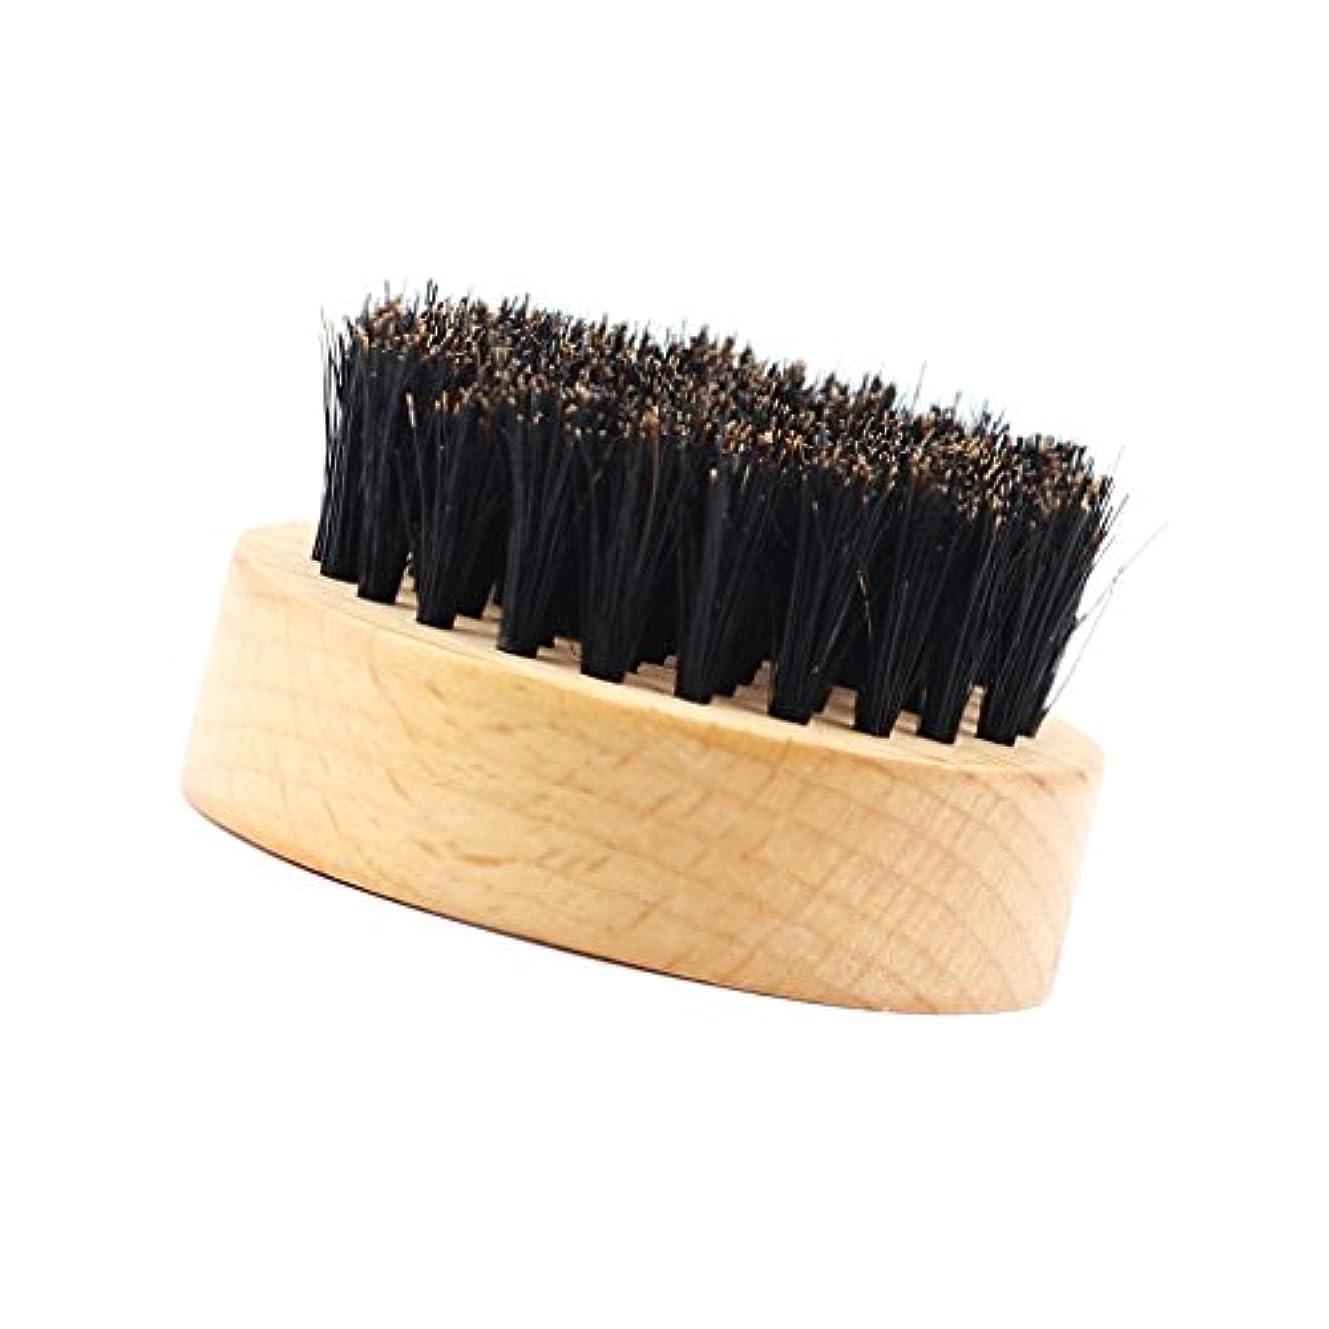 夕食を食べる魅力的剛性髭ブラシ ひげ剃り 豚毛 天然木ハンドル 口ひげケア 2タイプ選べる - #2